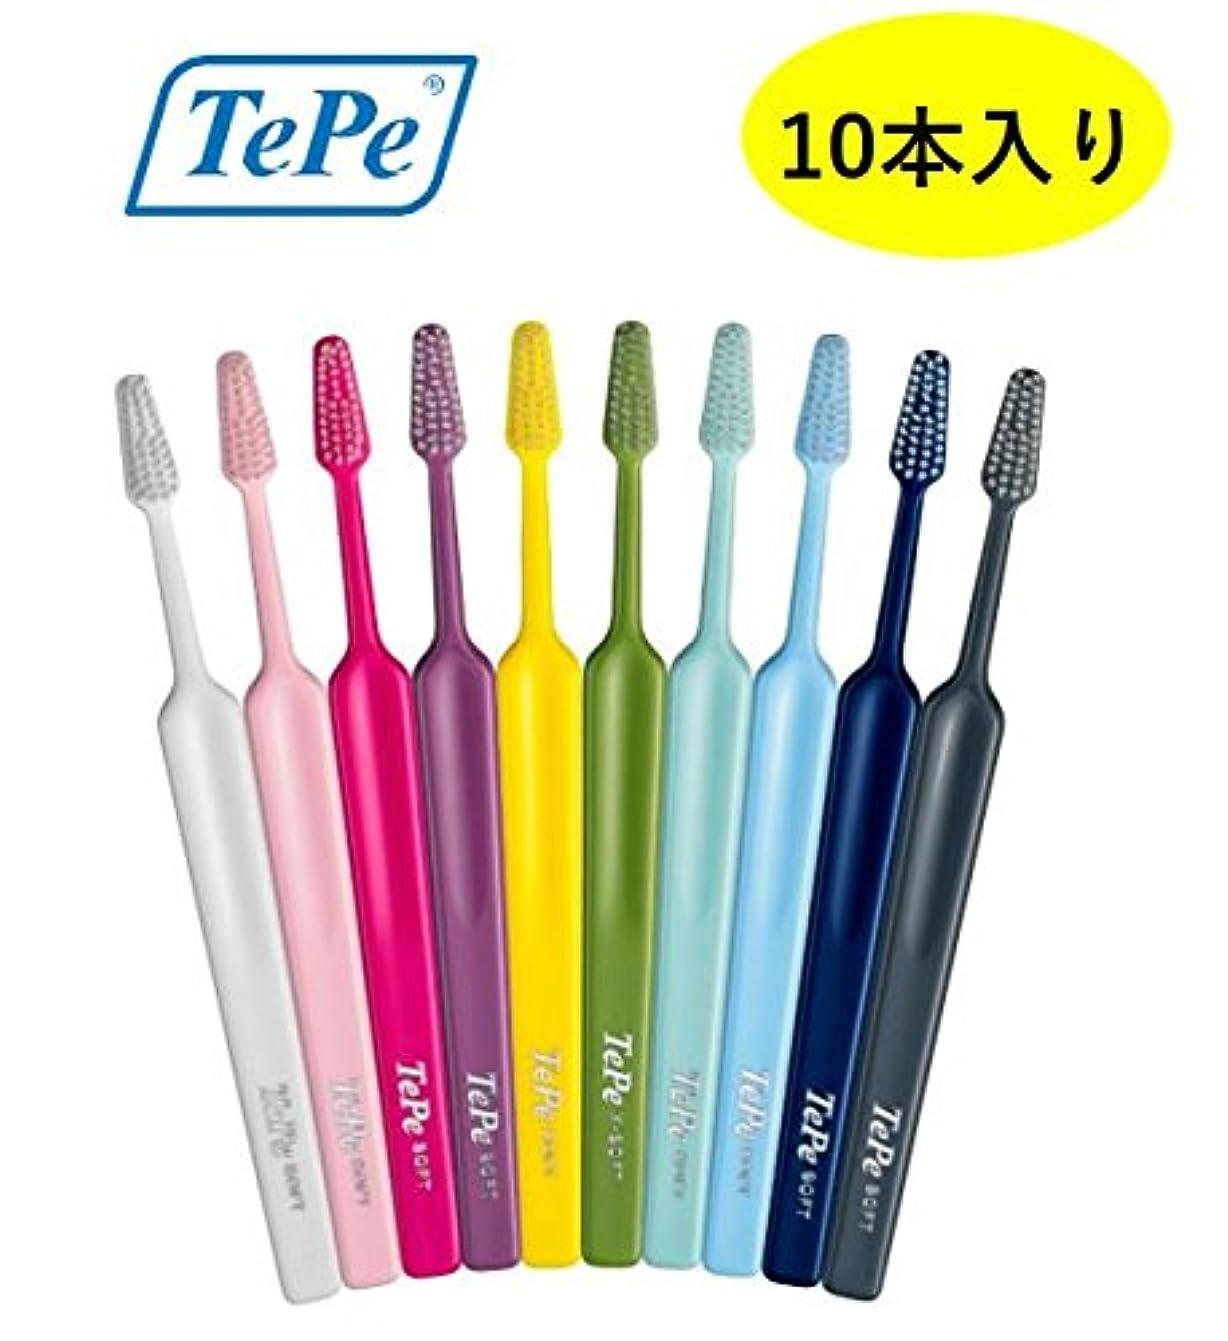 しゃがむ甘やかす重要なテペ コンパクト エクストラソフト(極やわらかめ) 10本 ブリスターパック TePe